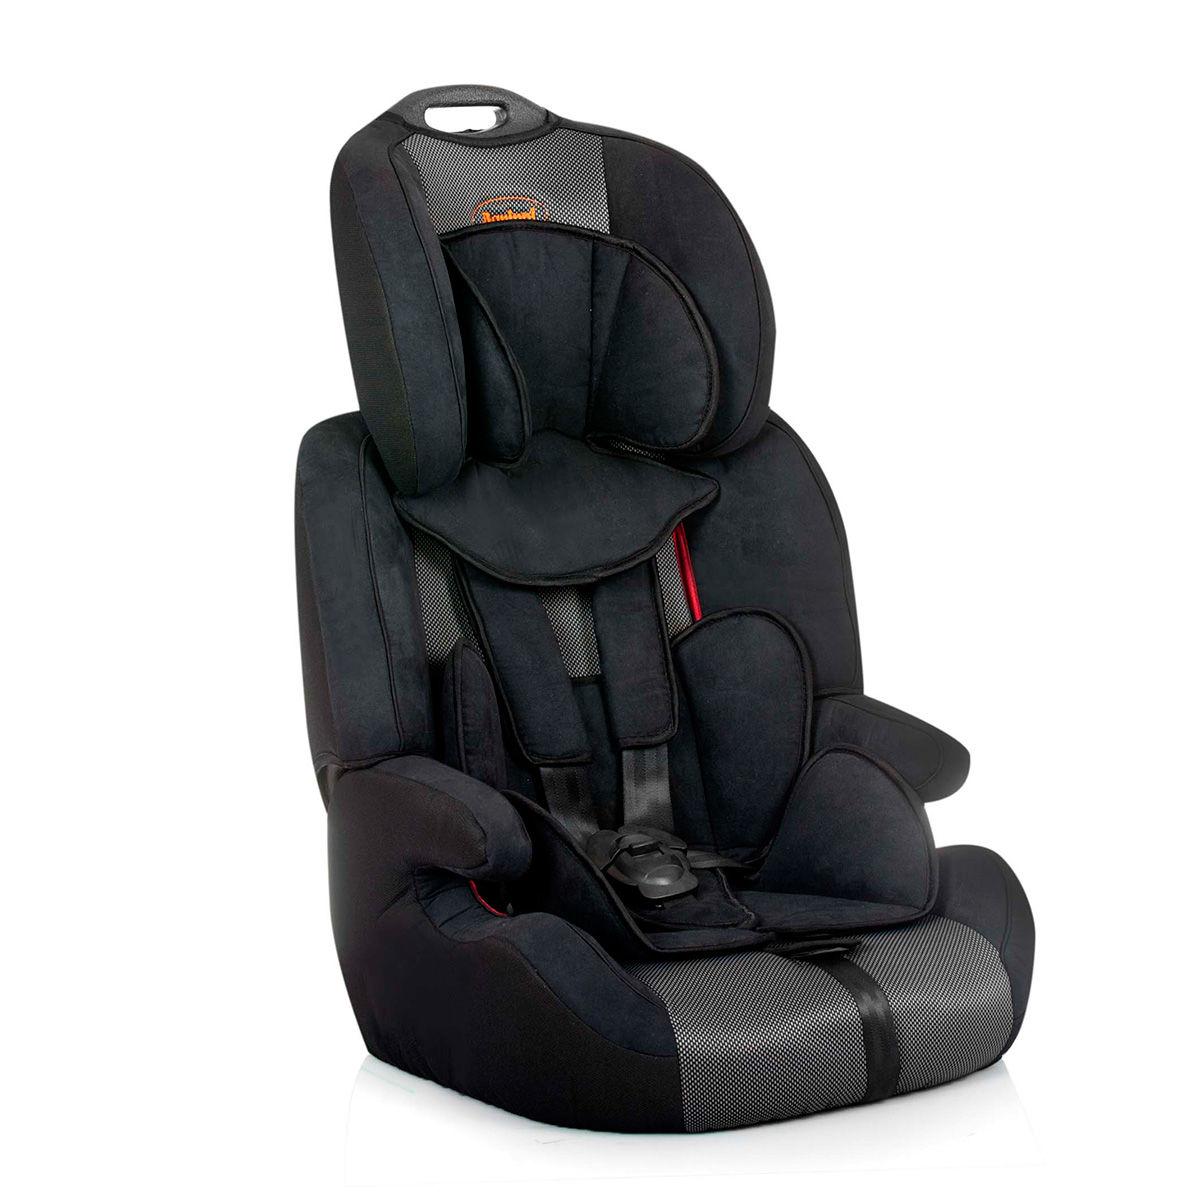 Afbeelding van Autostoel Baninni Pedro Zwart BN517 (9-36kg)